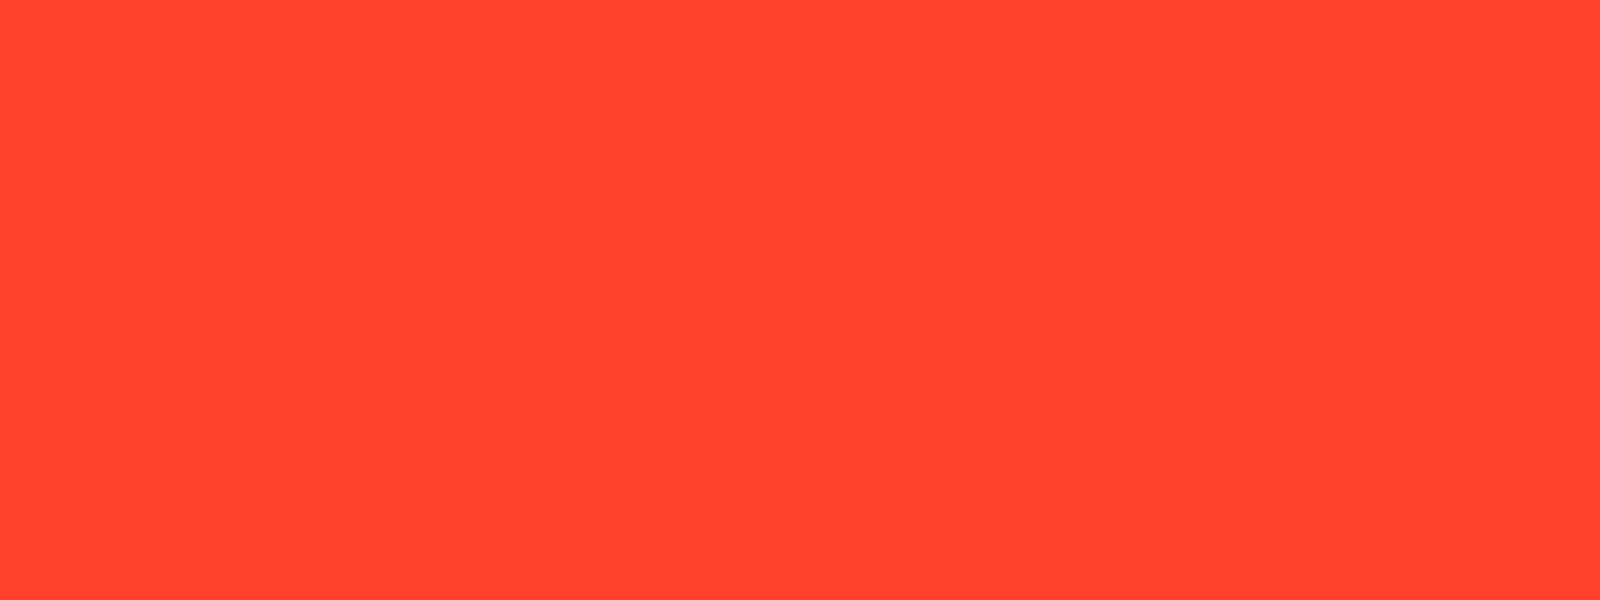 fundo vermelho_mapi